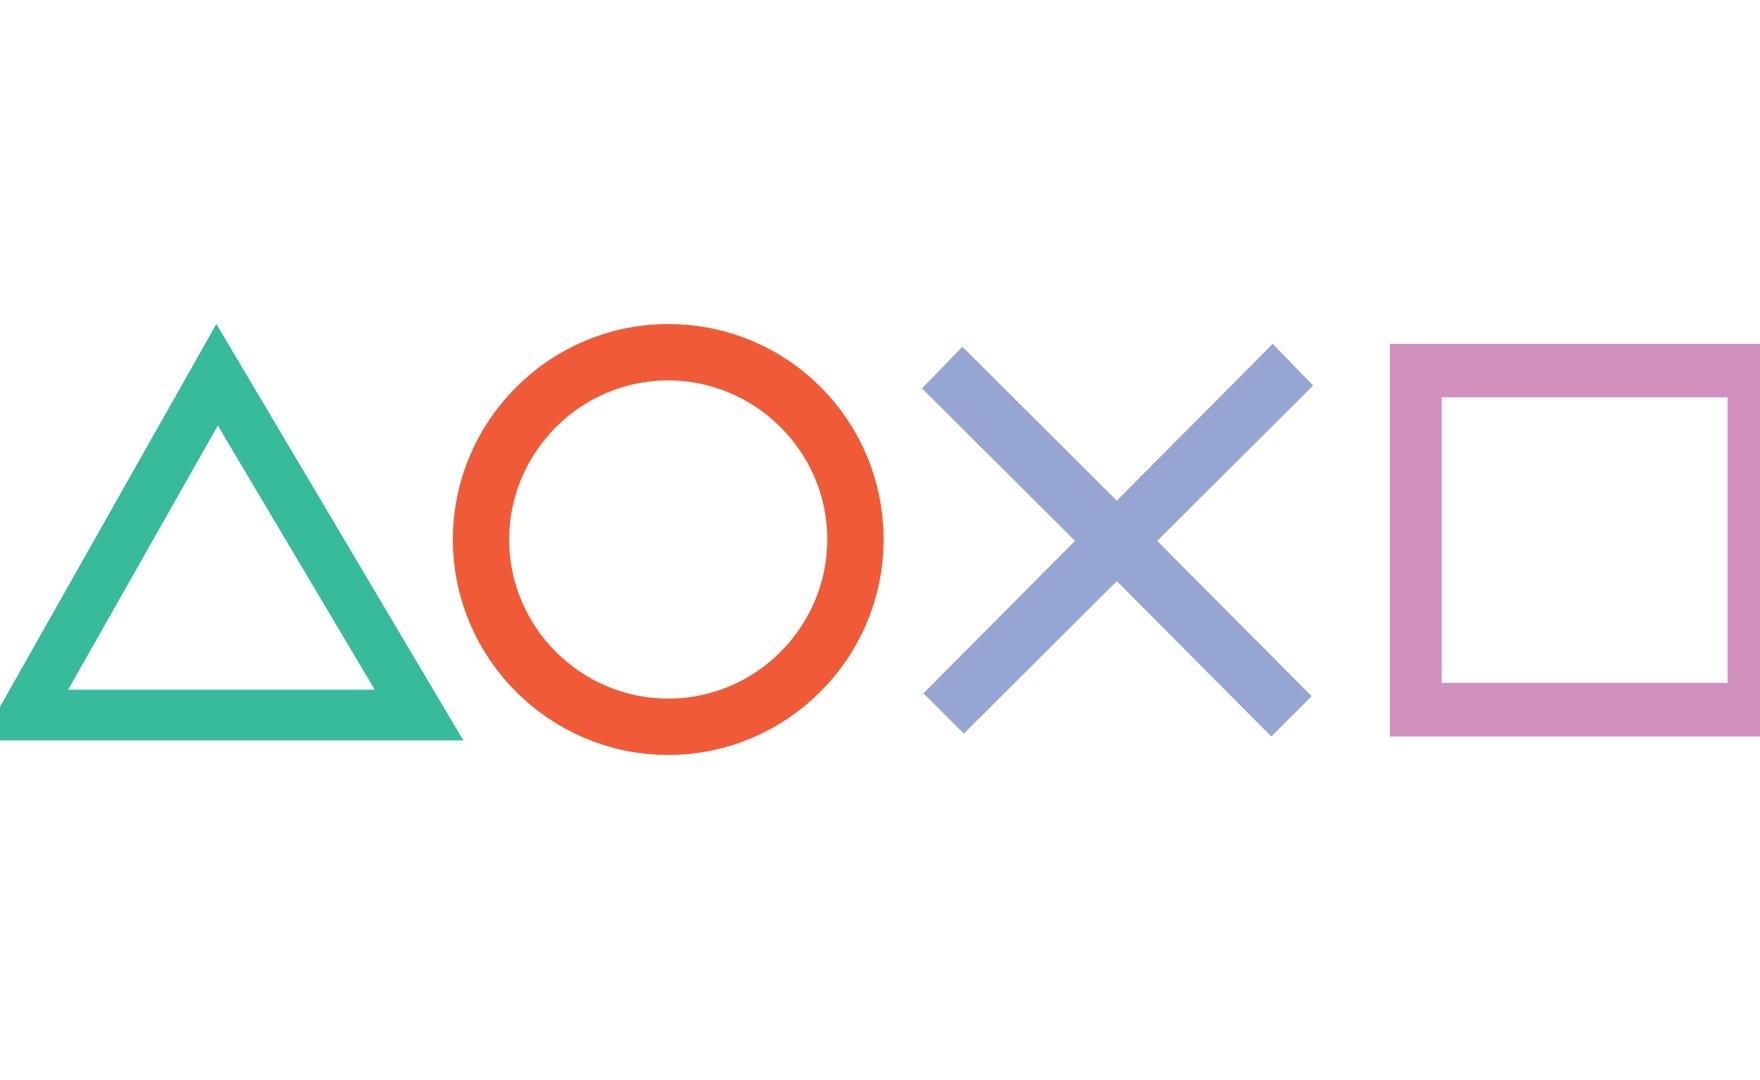 PlayStation: ecco quanti giochi sono stati venduti dal 1994 a oggi